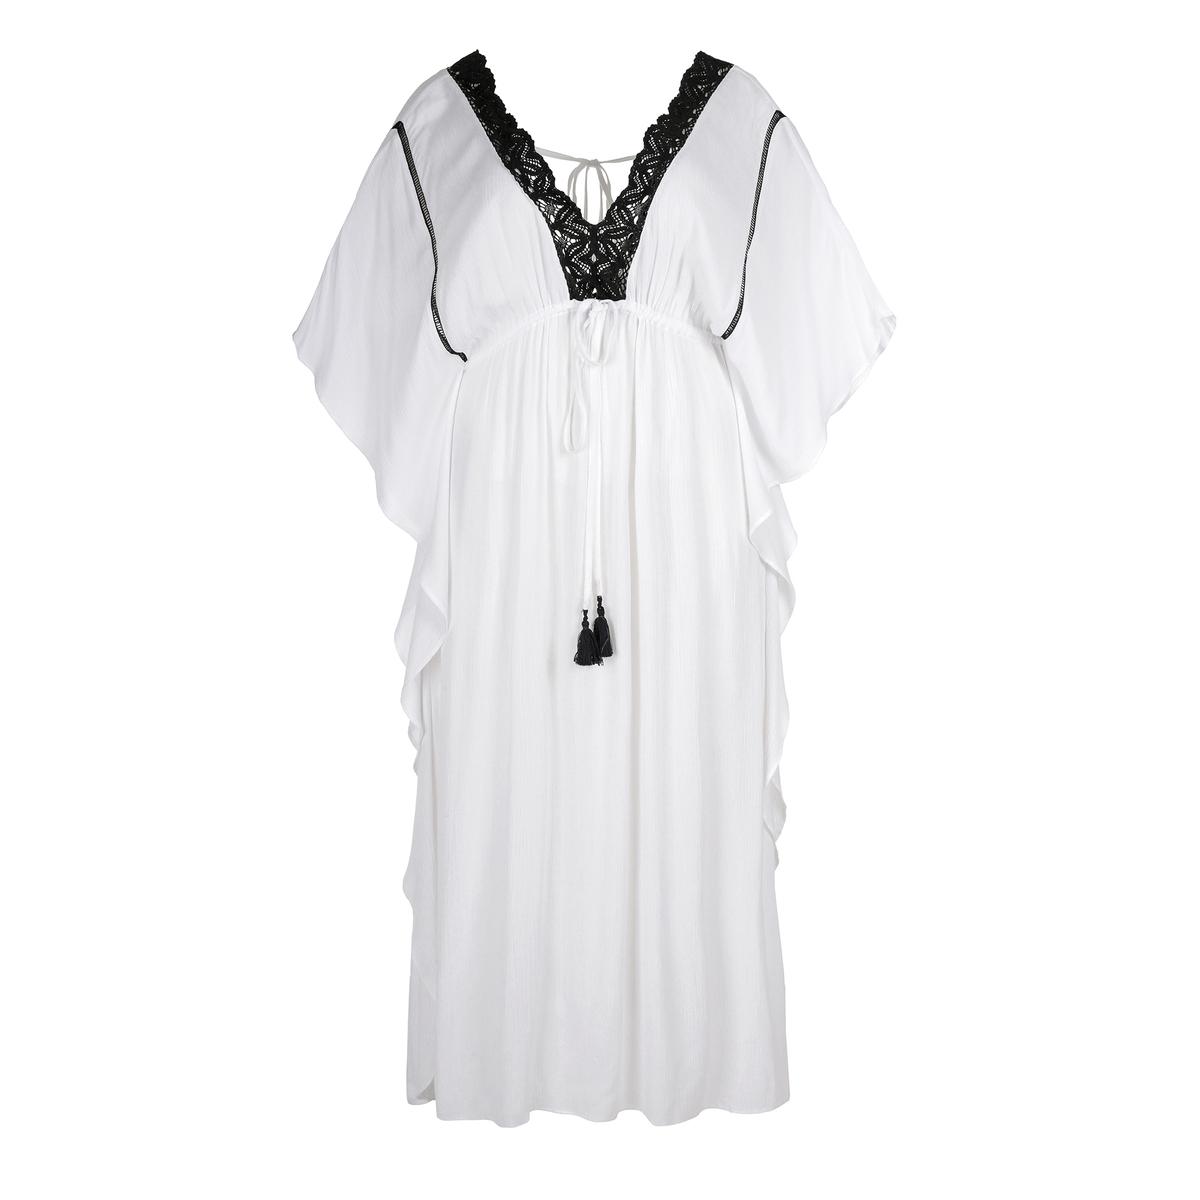 ПлатьеПлатье-макси MAT FASHION. Струящийся покрой с воланами по бокам. V-образный вырез с отделкой кружевом черного цвета. Пояс с завязками с бахромой. 100% ткань район<br><br>Цвет: белый<br>Размер: 44/48